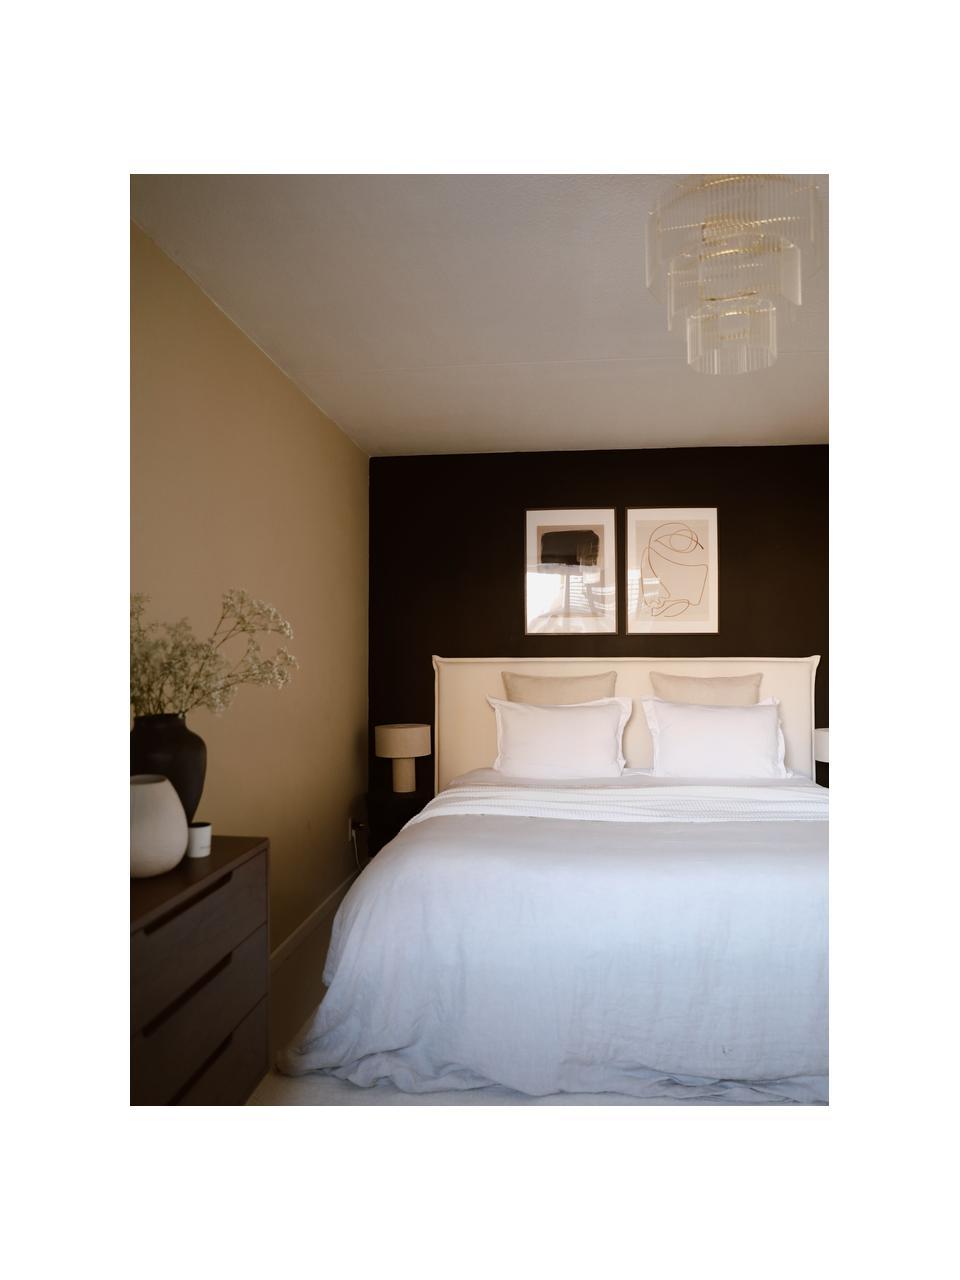 Łóżko kontynentalne premium Violet, Nogi: lite drewno brzozowe, lak, Beżowy, 160 x 200 cm